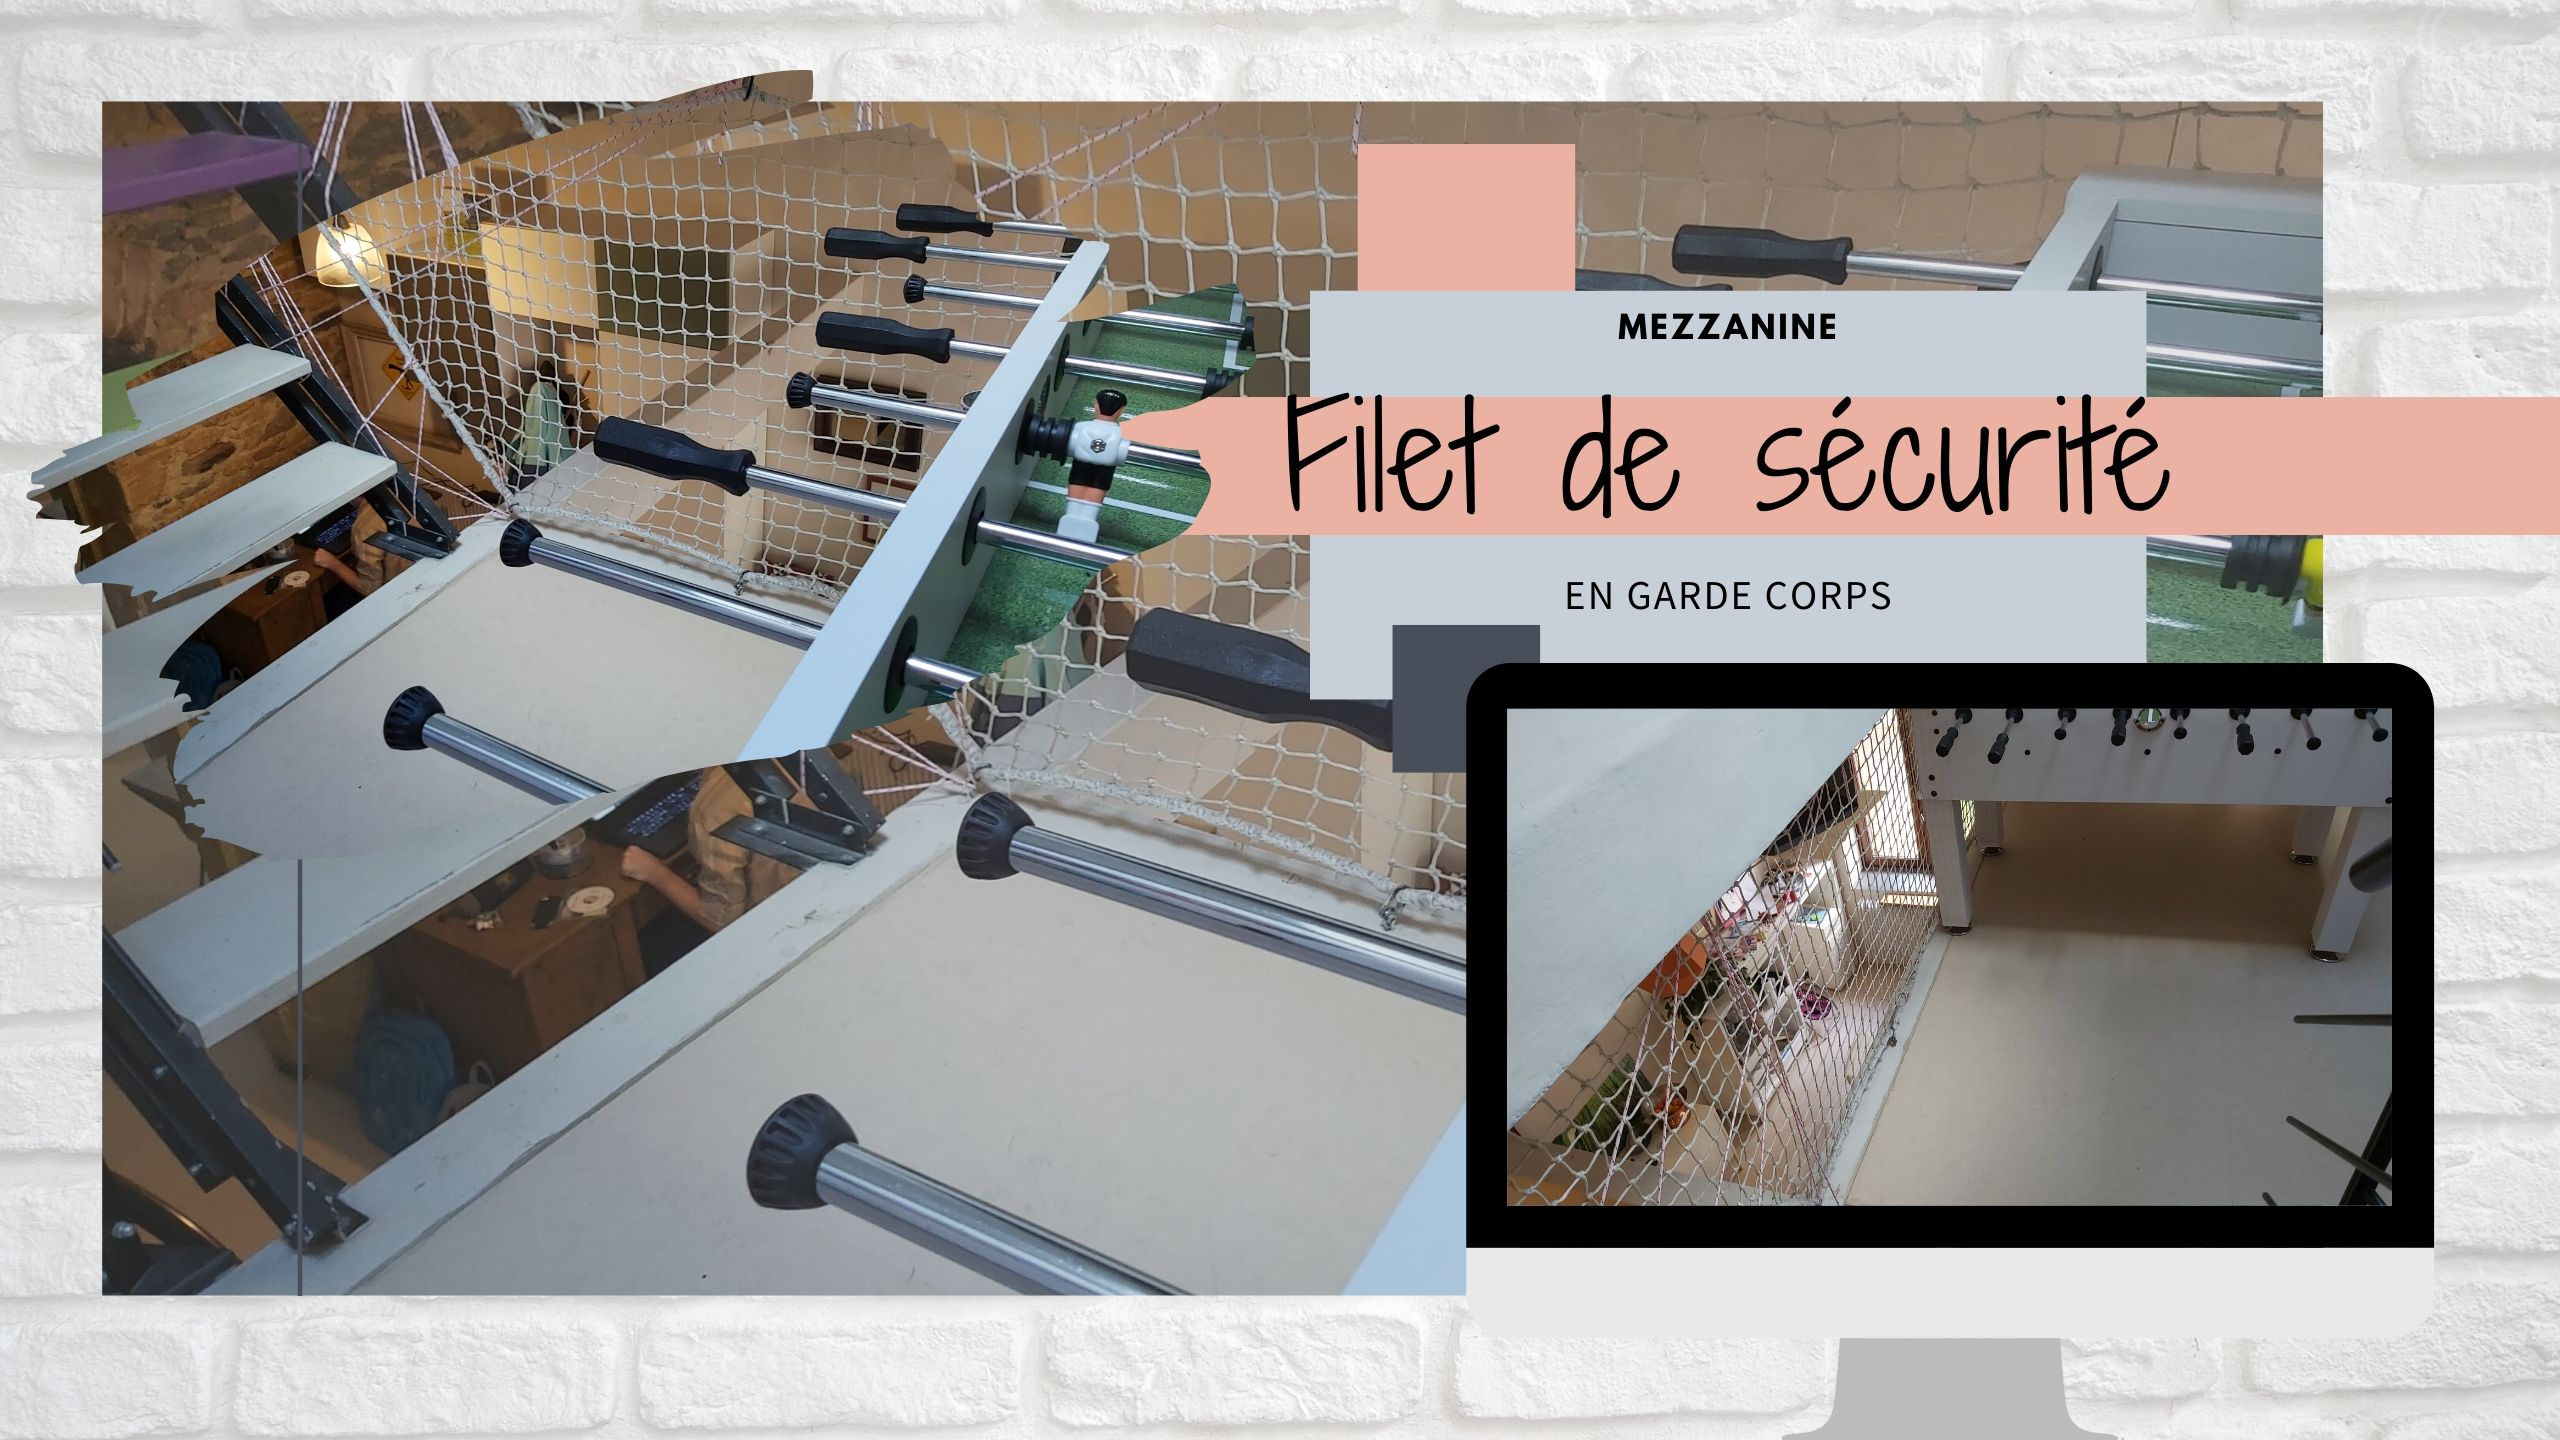 filet mezzanine filet de securite